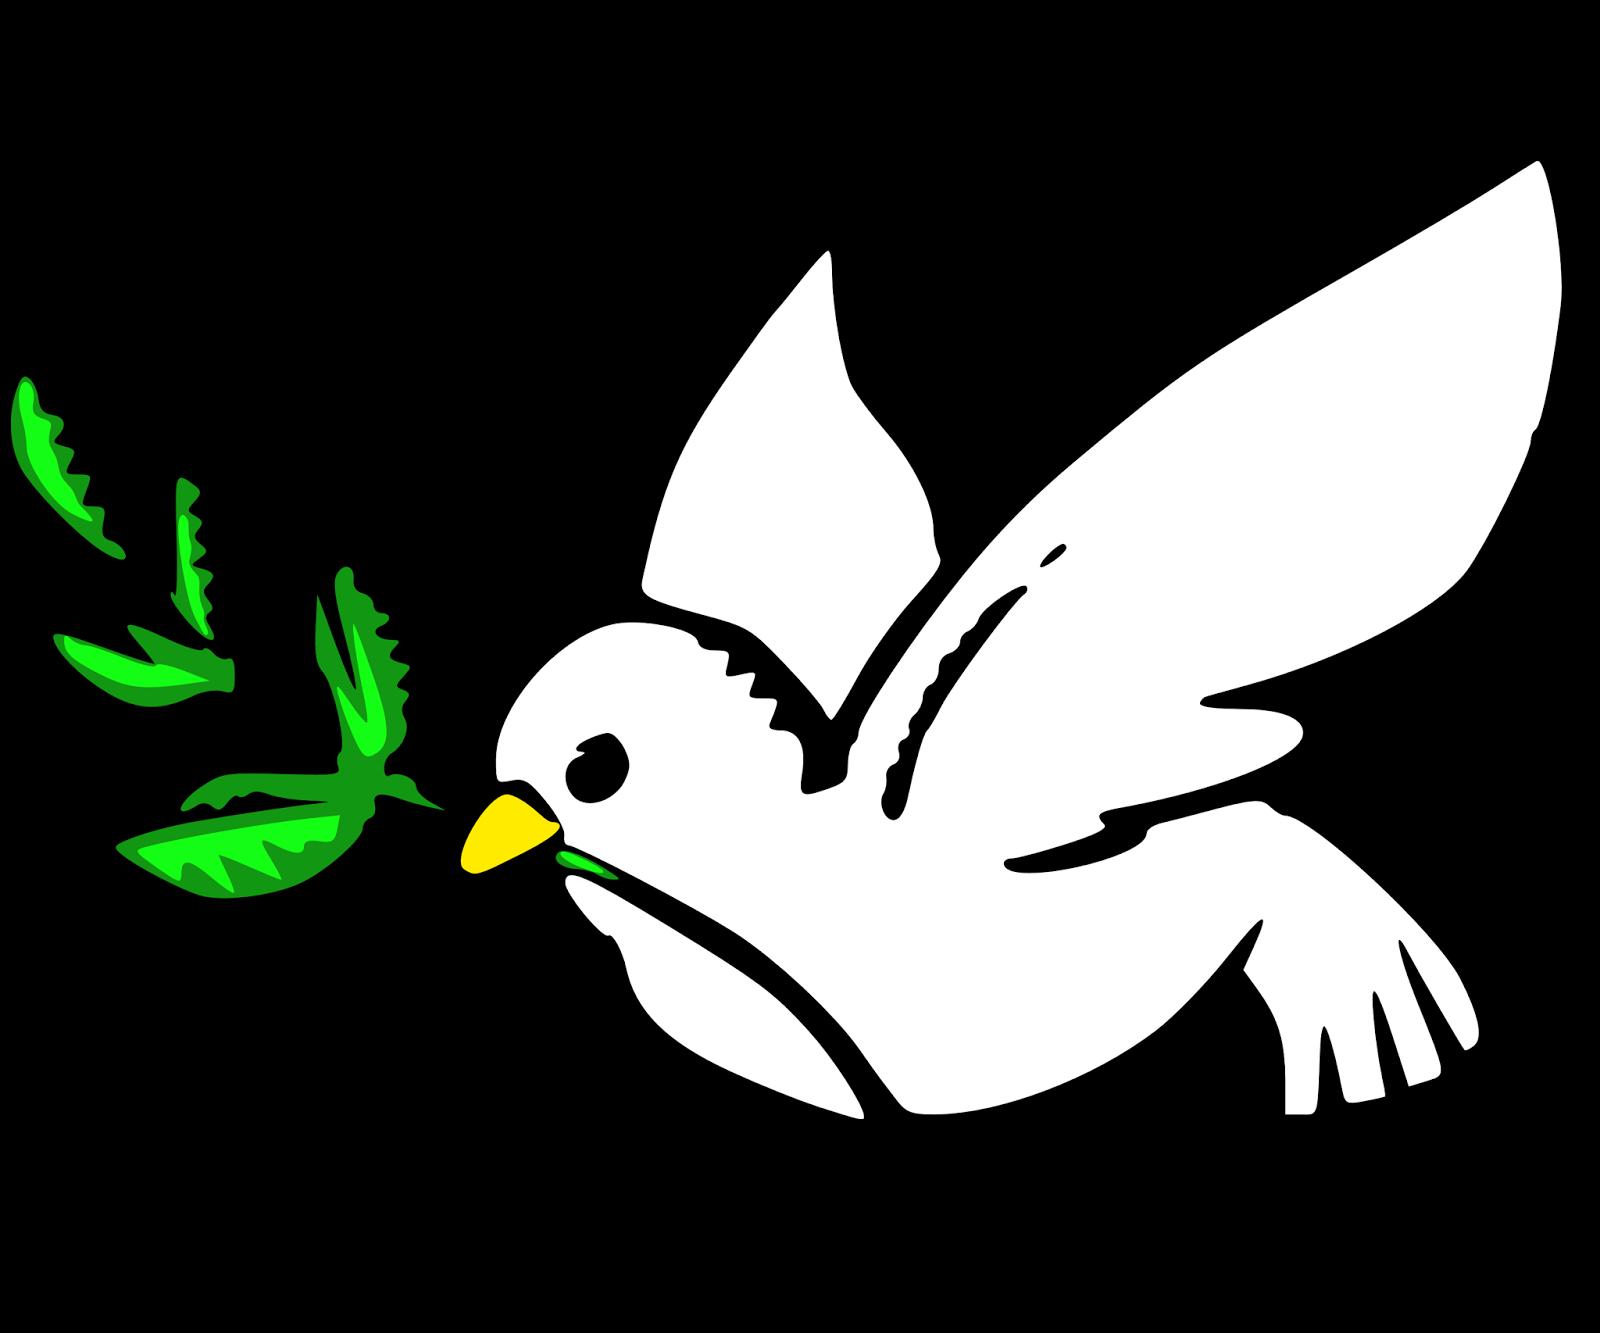 dove_peace-3333px